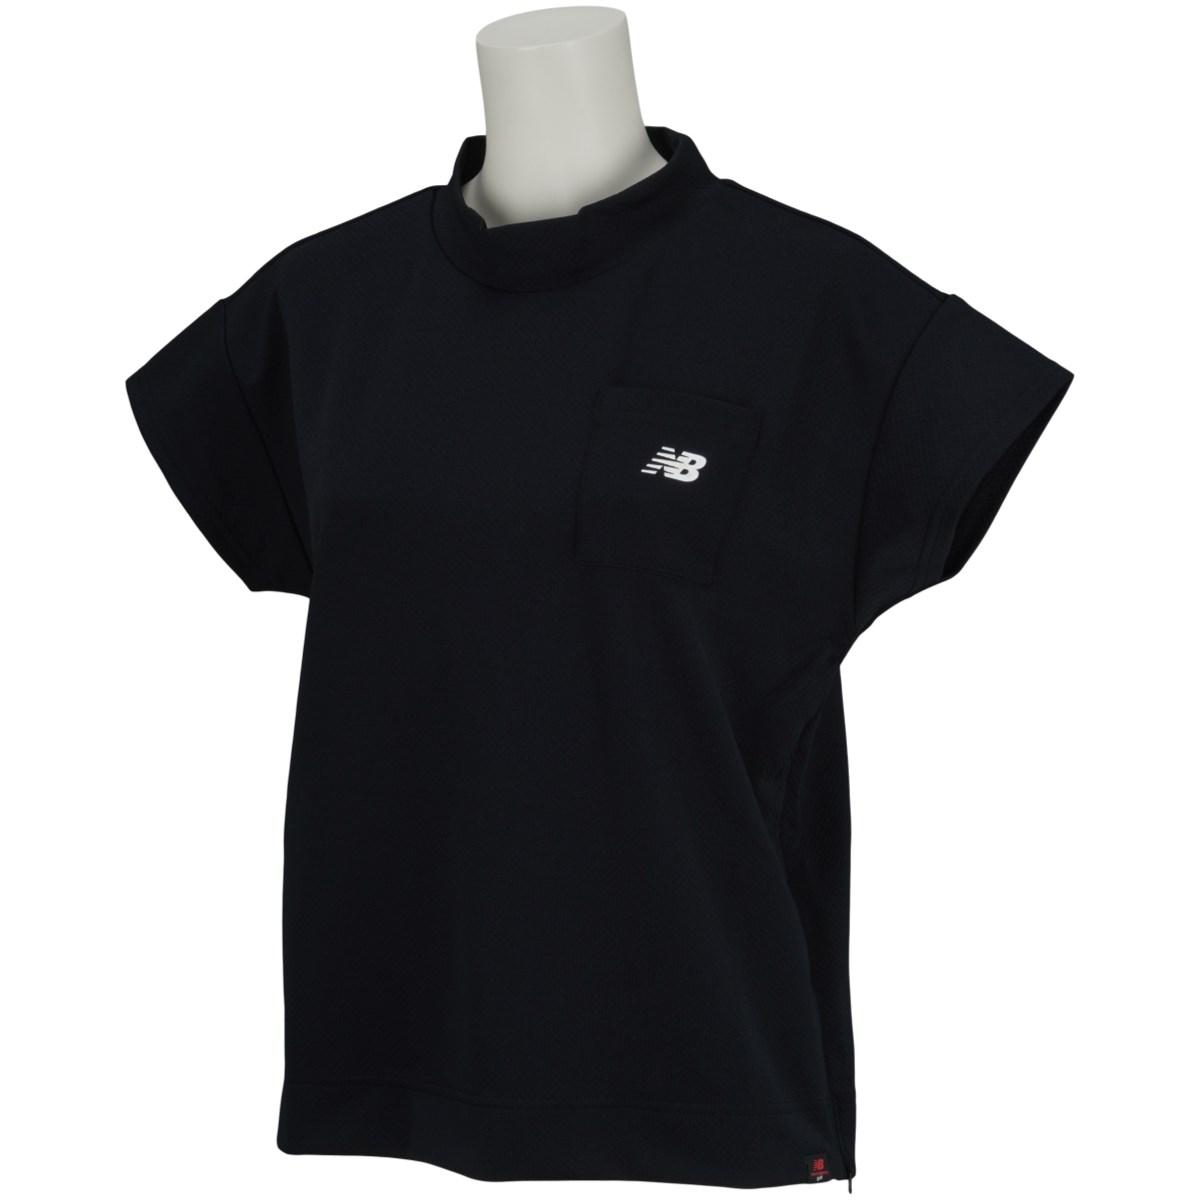 ニューバランス New Balance SPORT 半袖Tシャツ 0 ブラック 010 レディス